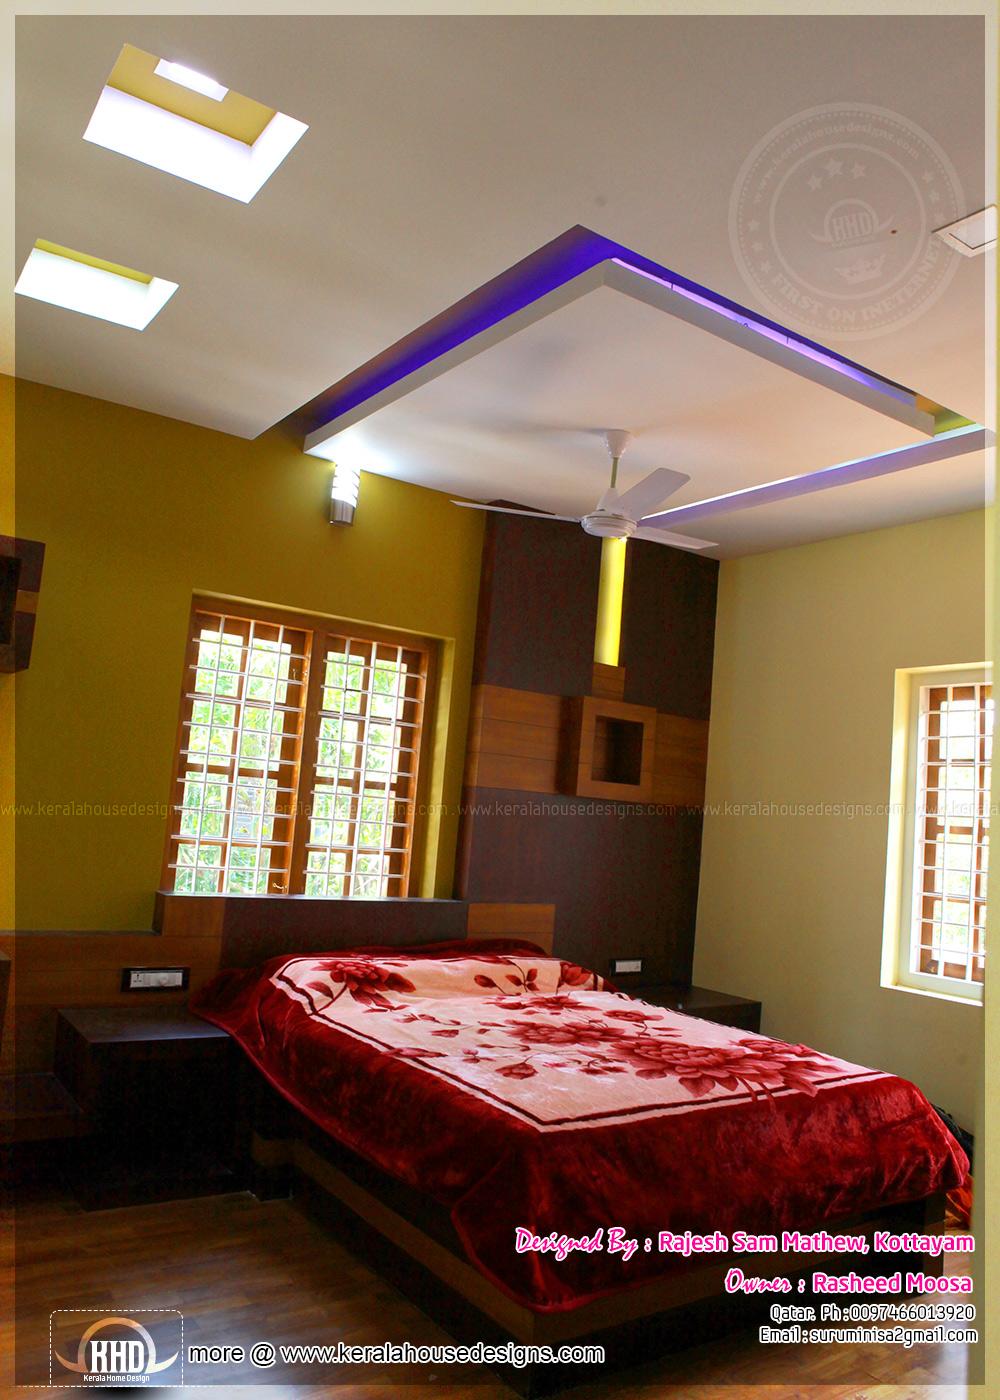 Kerala Interior Design With Photos Home Kerala Plans